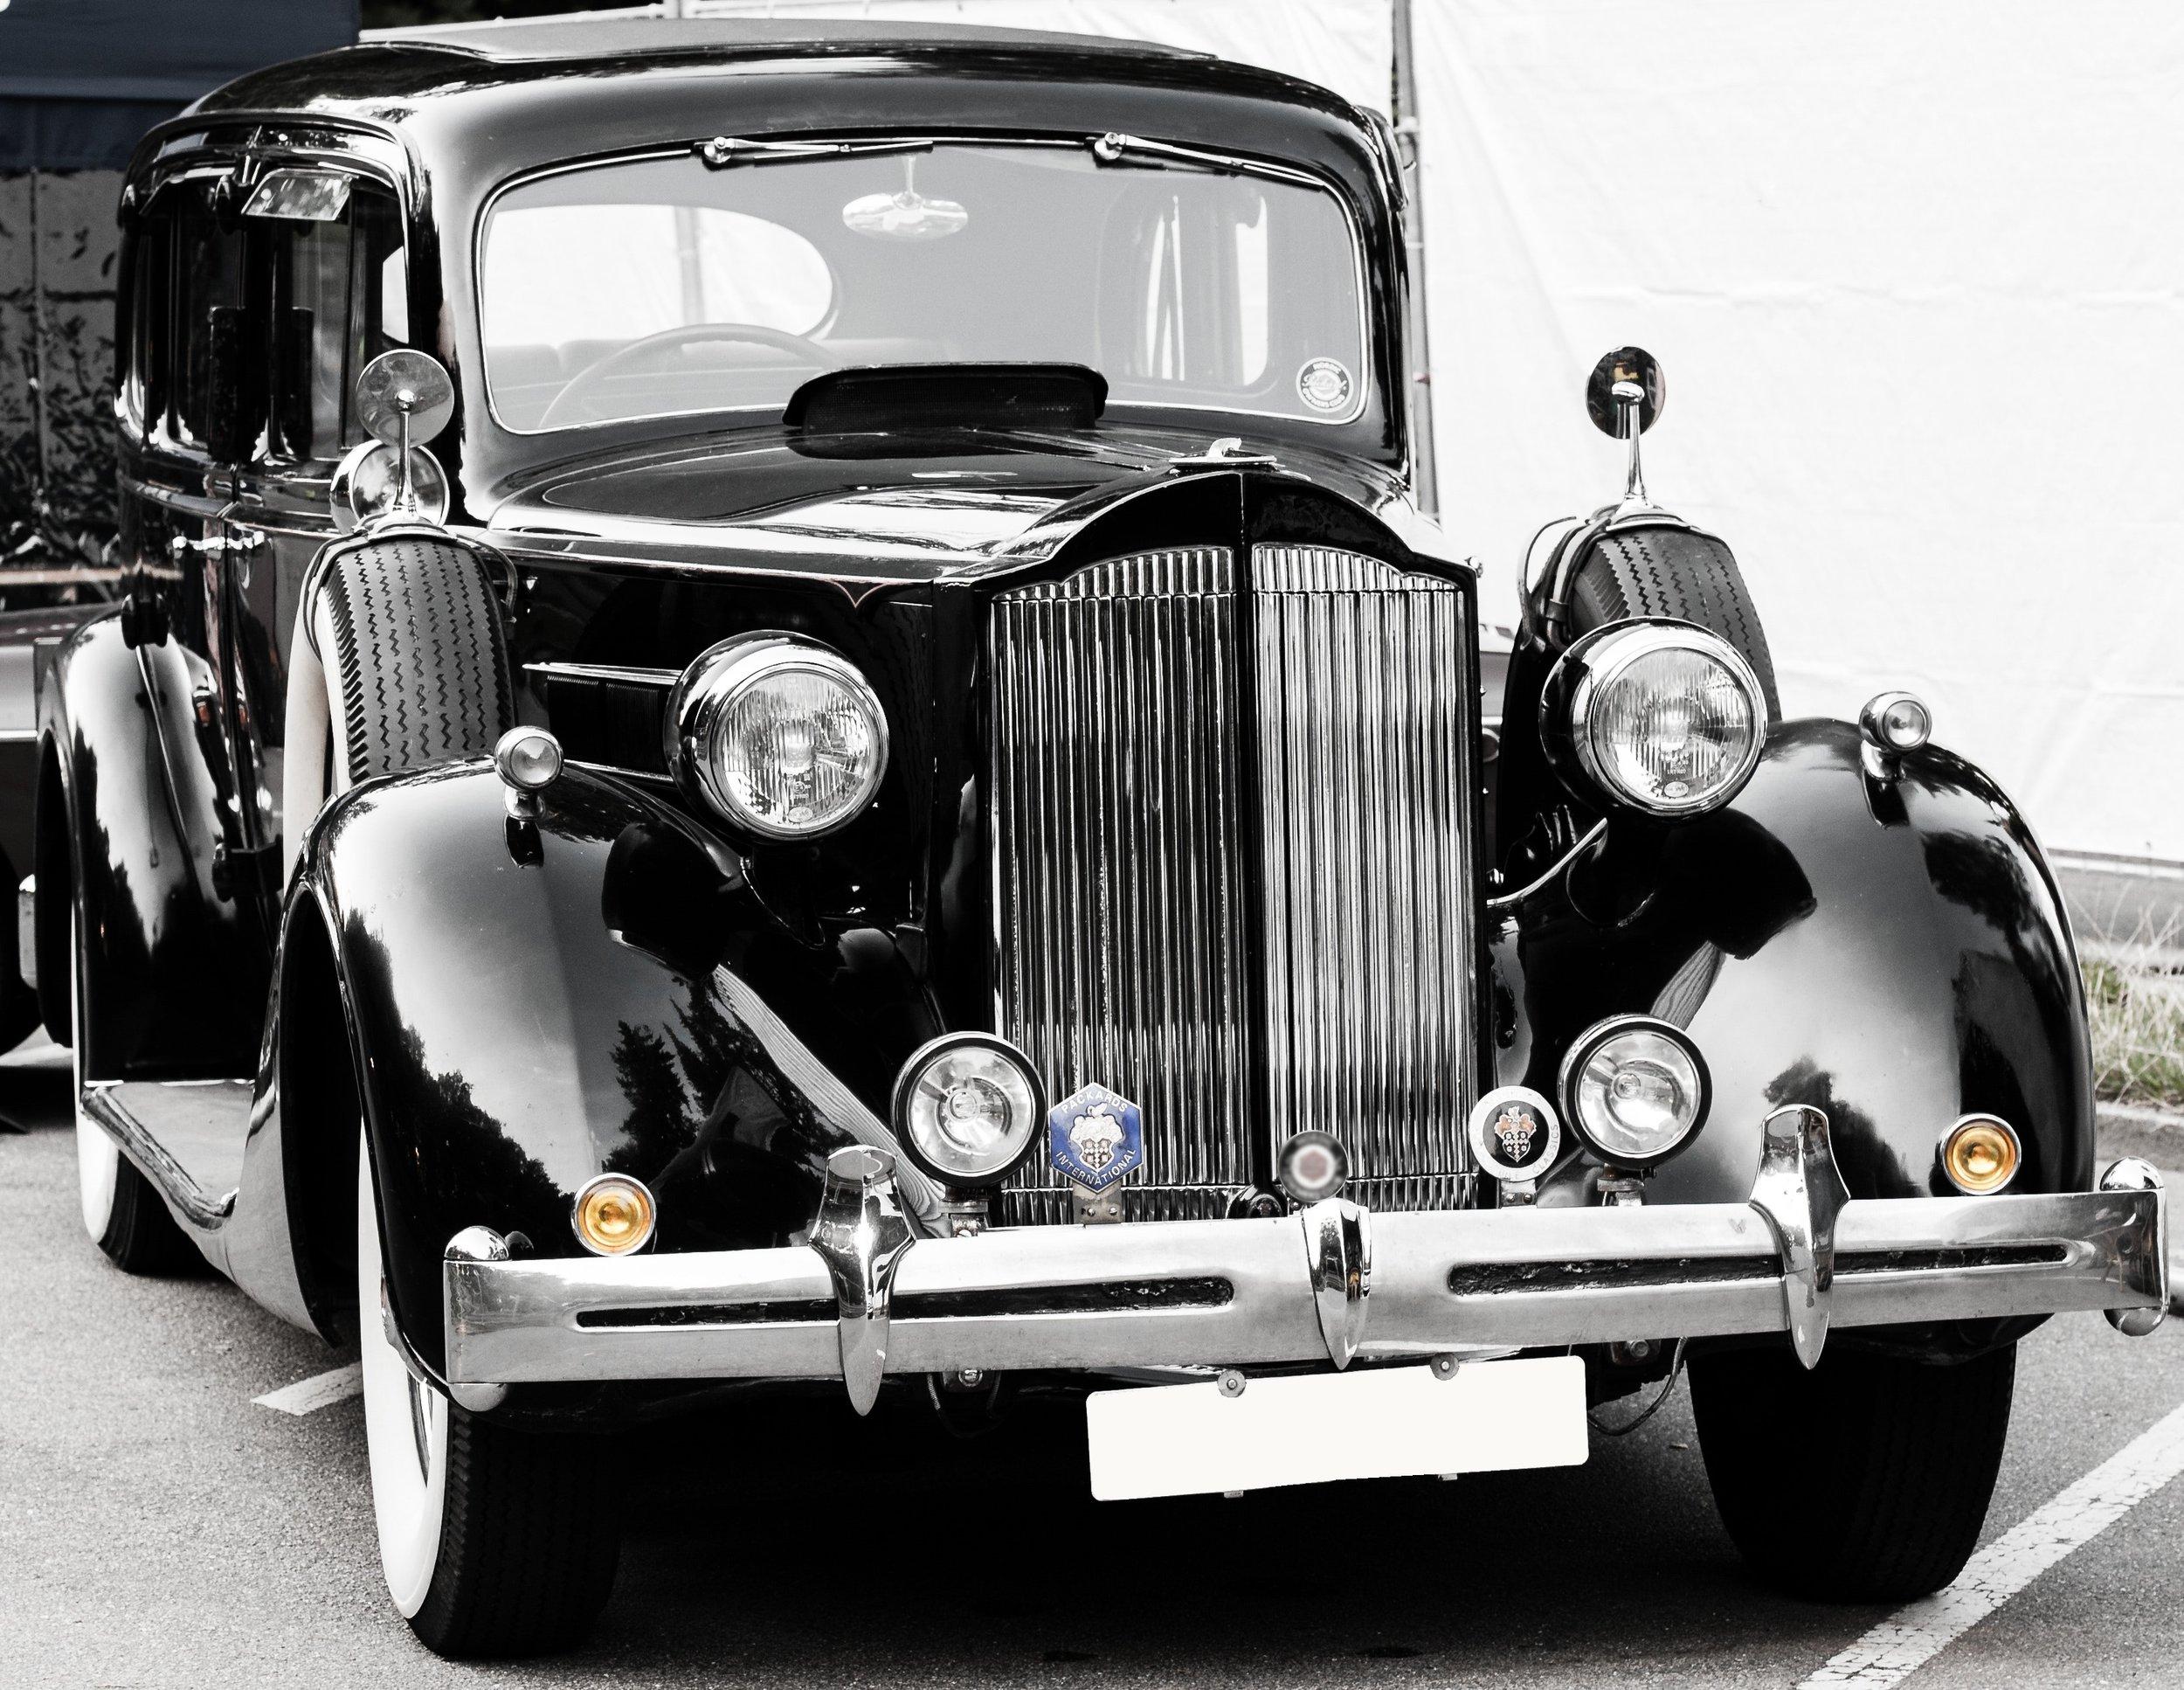 antique-automobile-automotive-237187.jpg